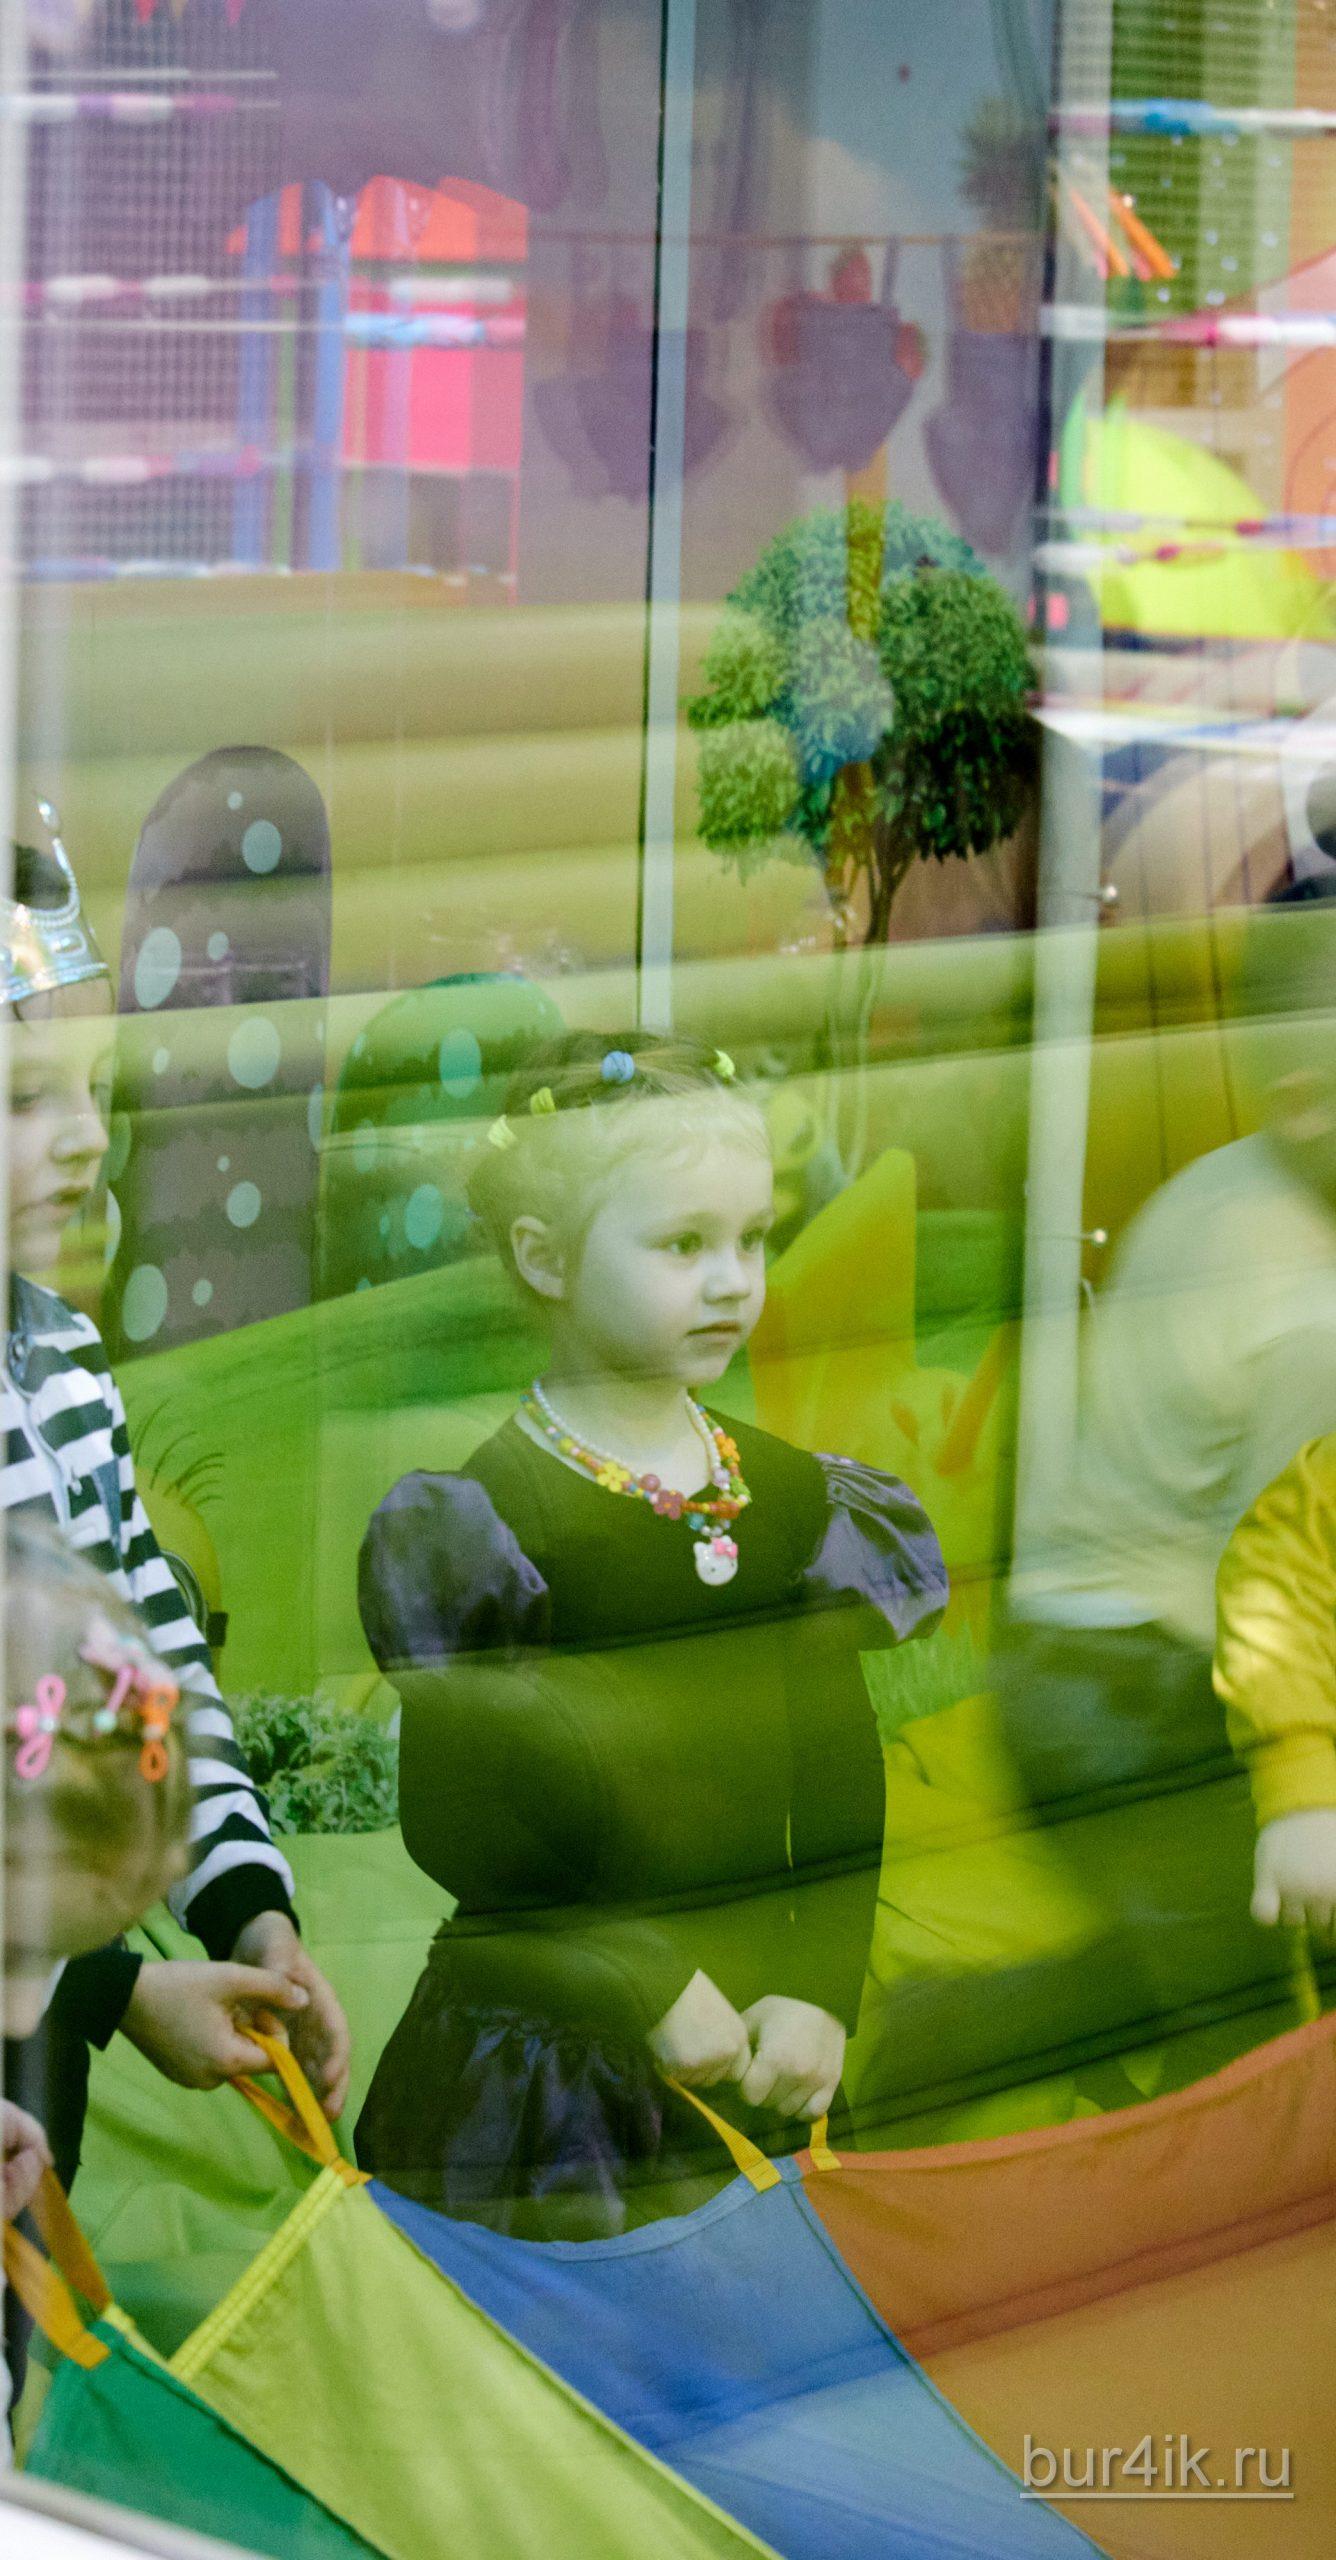 Фото Детское День Рождения в Детский Дворик 15.01.2020 №209 -photo- bur4ik.ru